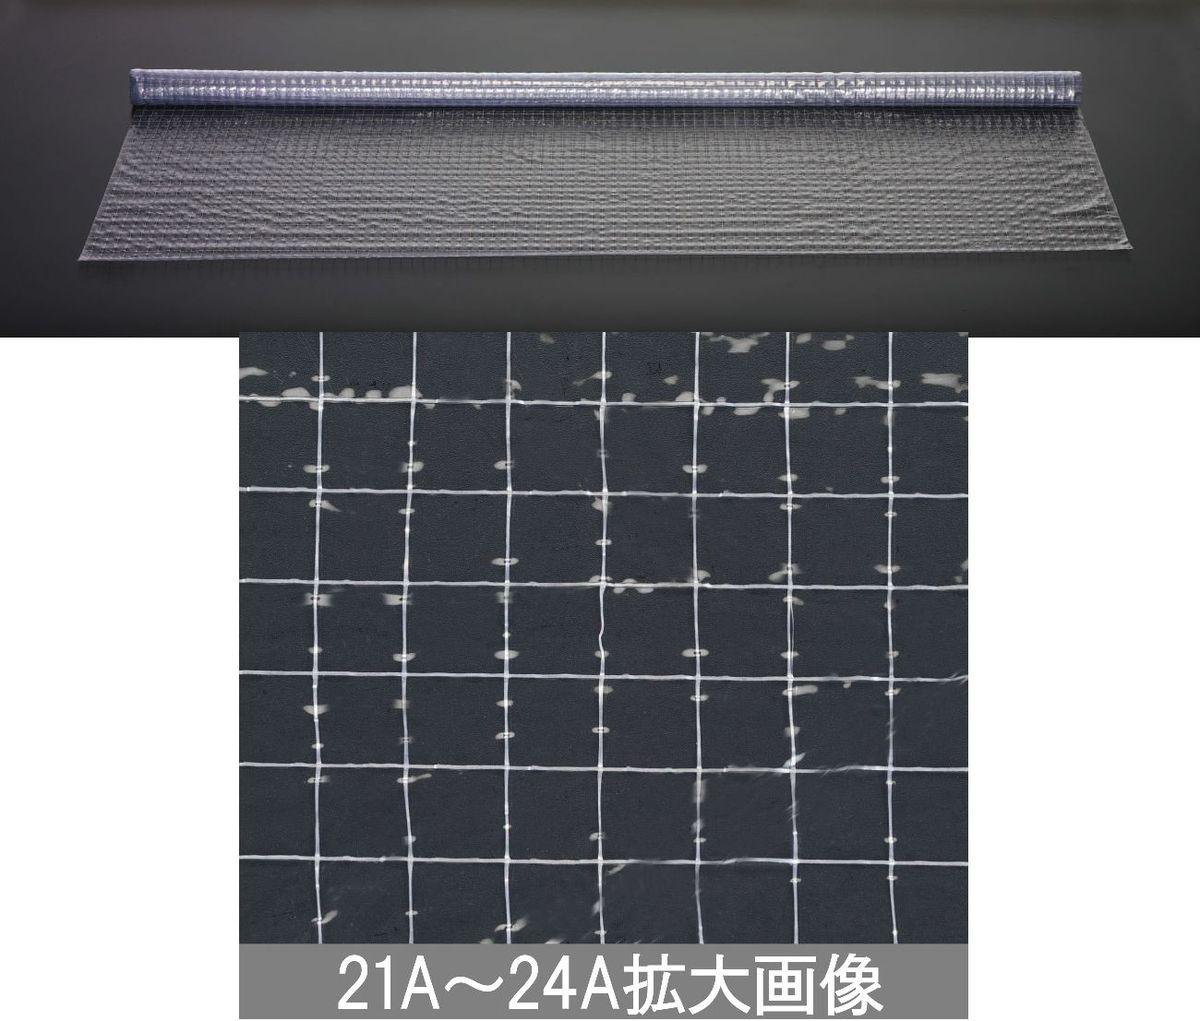 【メーカー在庫あり】 エスコ ESCO 0.3x2030mmx 20m 耐油性ビニールシート 000012223060 JP店